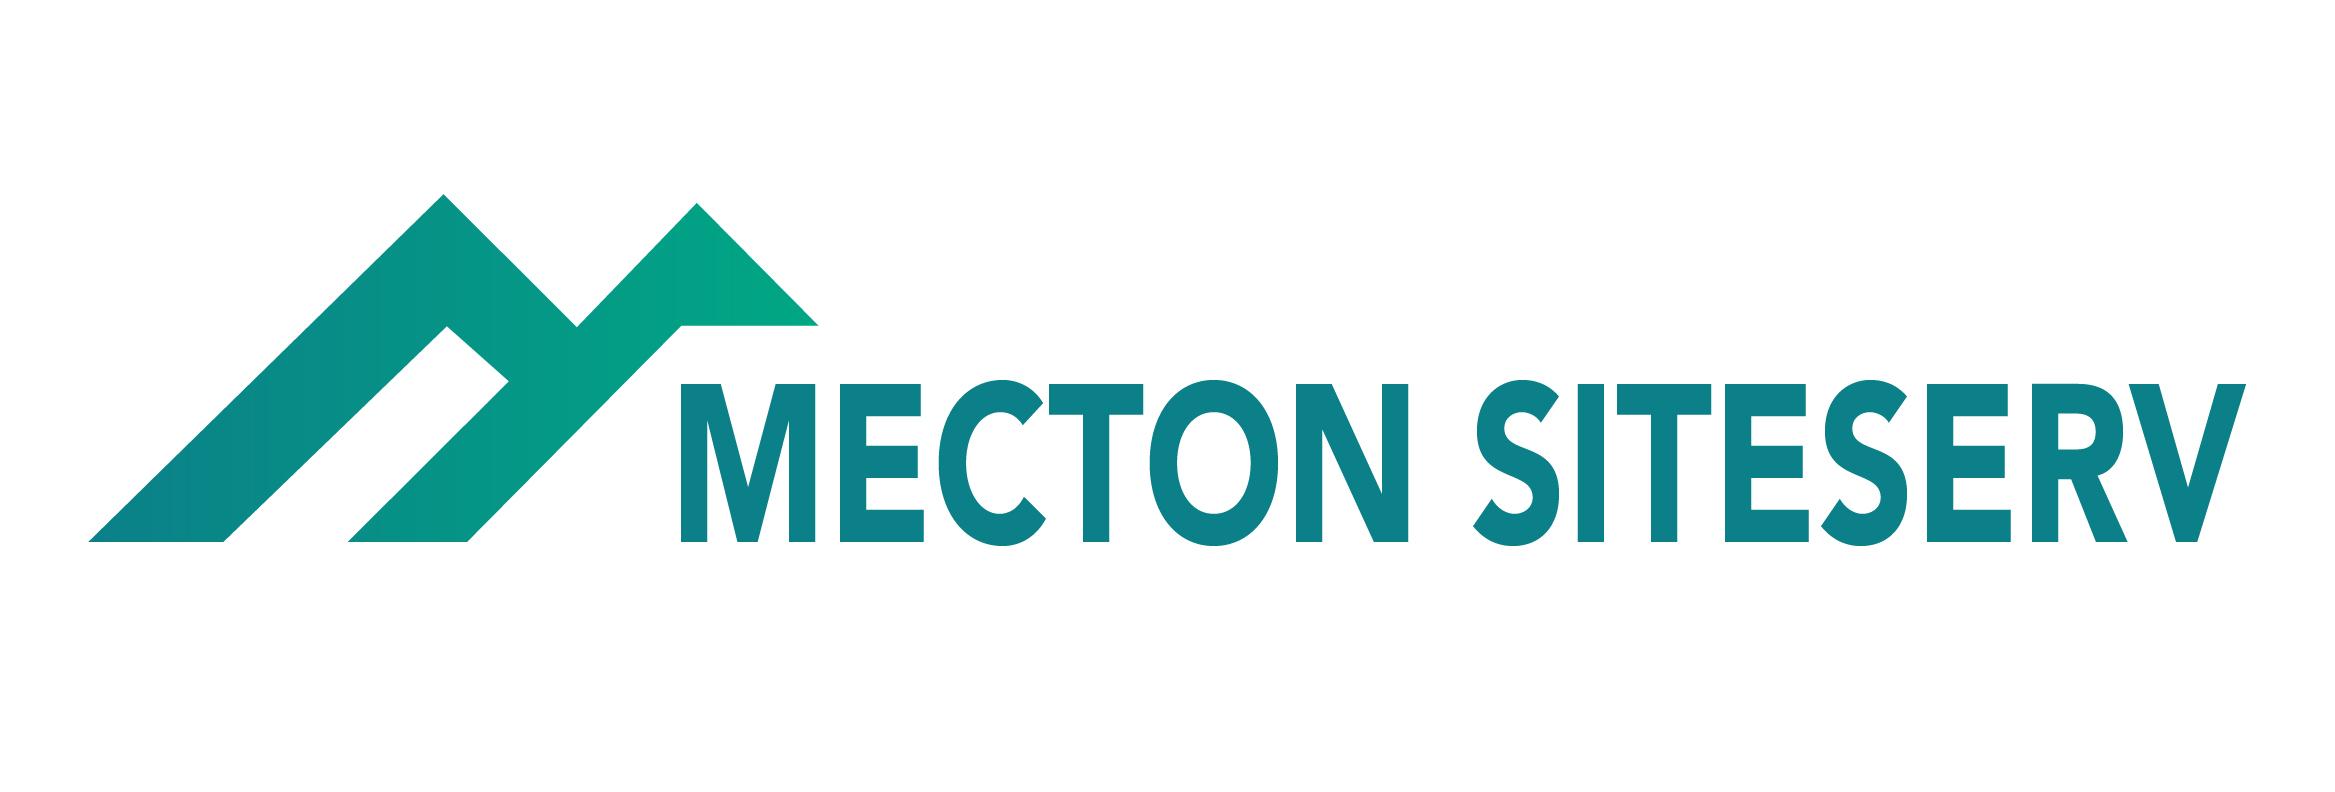 Mecton all logos-10 - Copy